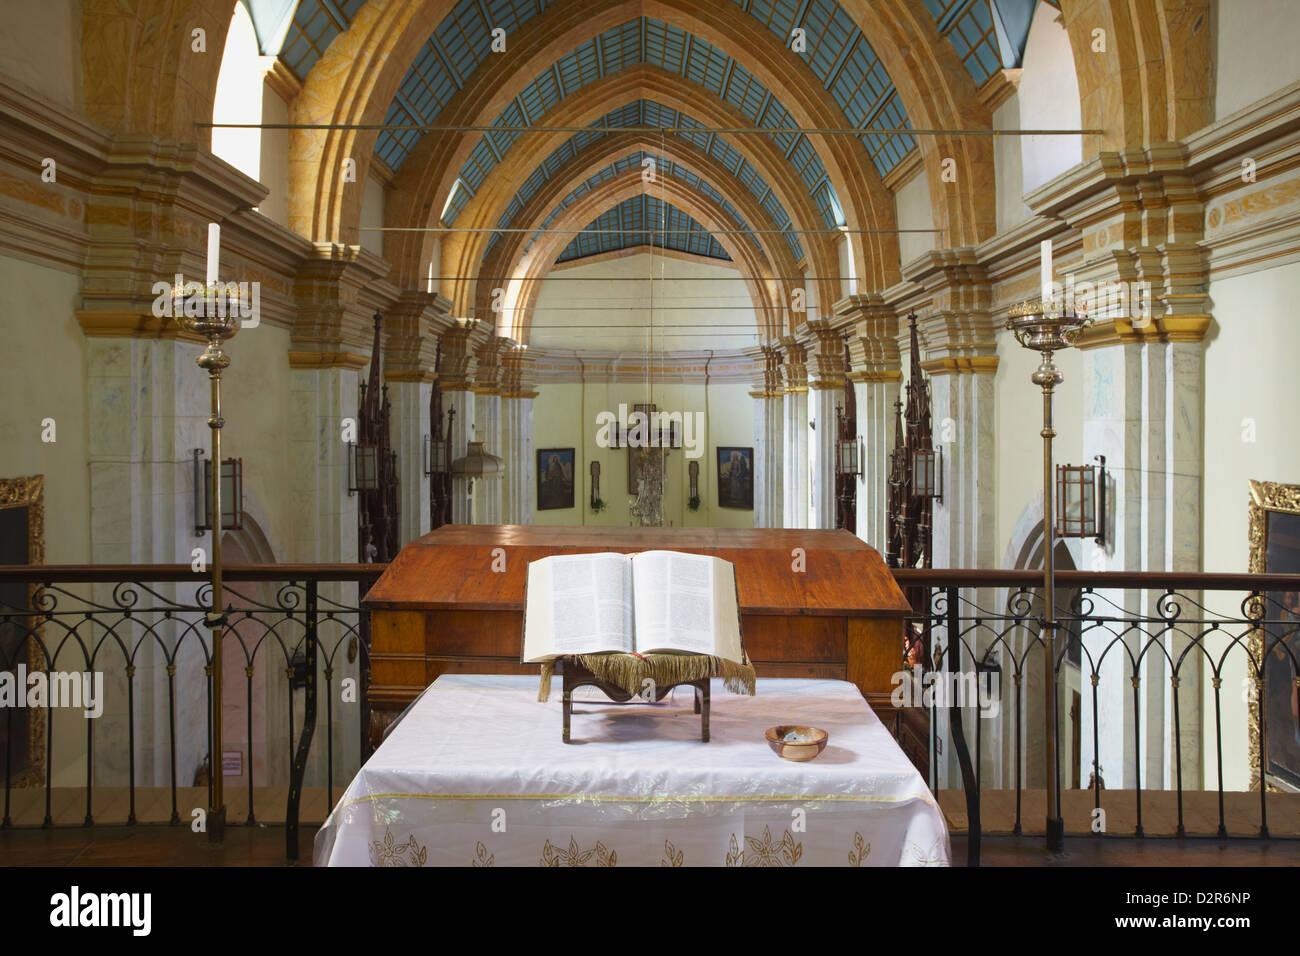 Interior of Iglesia de la Recoleta (Recoleta Church), Sucre, UNESCO World Heritage Site, Bolivia, South America - Stock Image